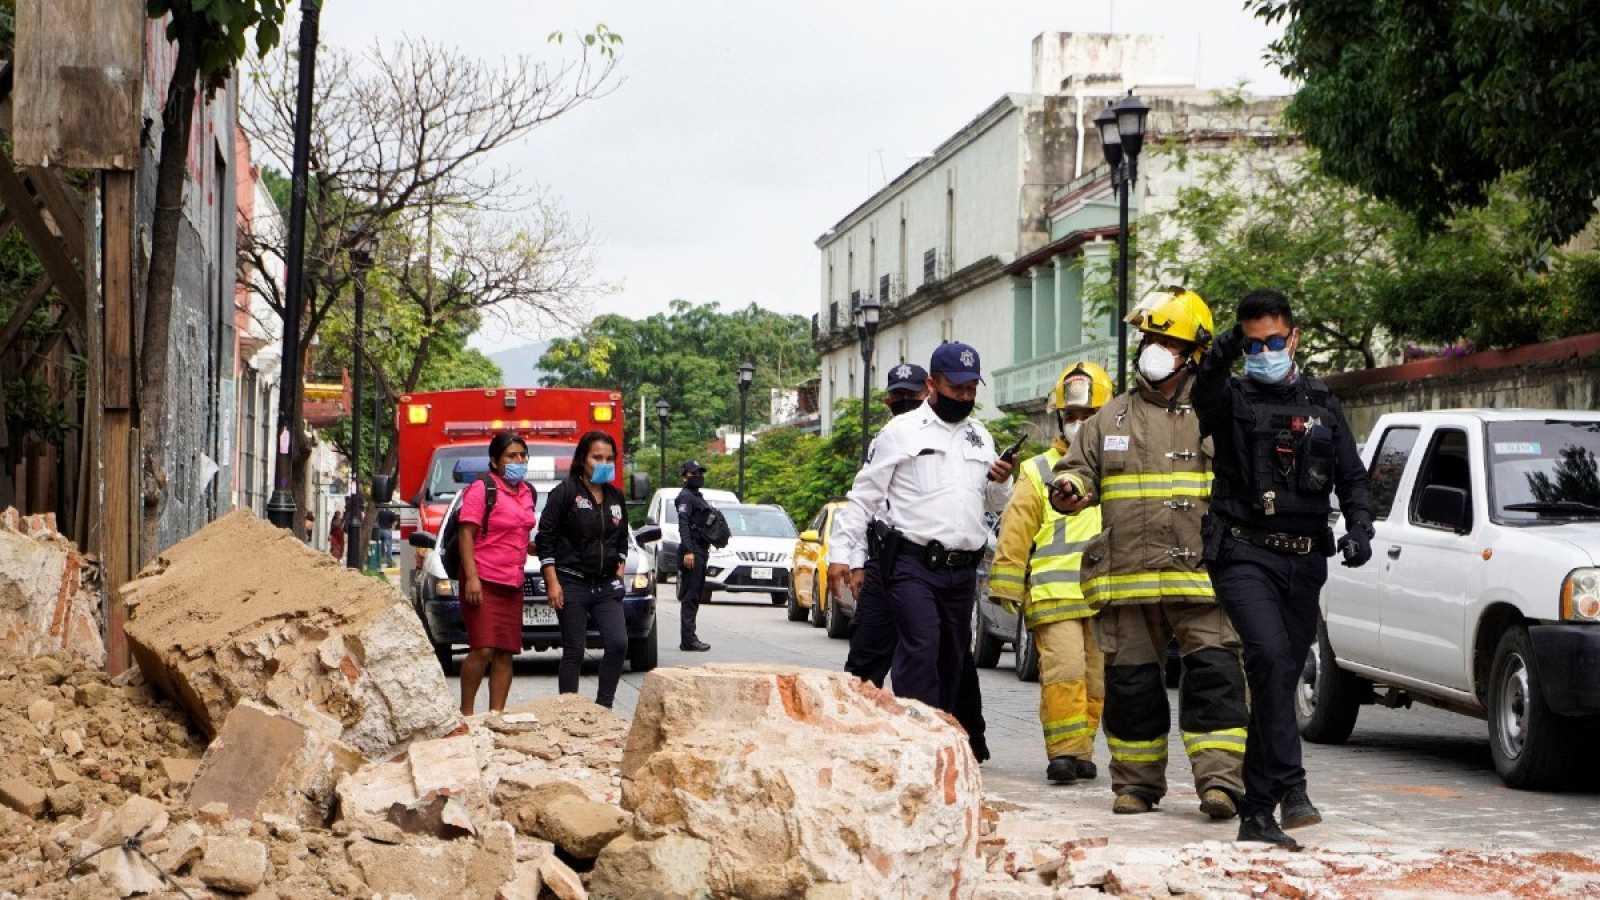 Miembros de la policía y de los bomberos observan los daños causados por el terremoto de 7,5, en la ciudad de Oaxaca (México).